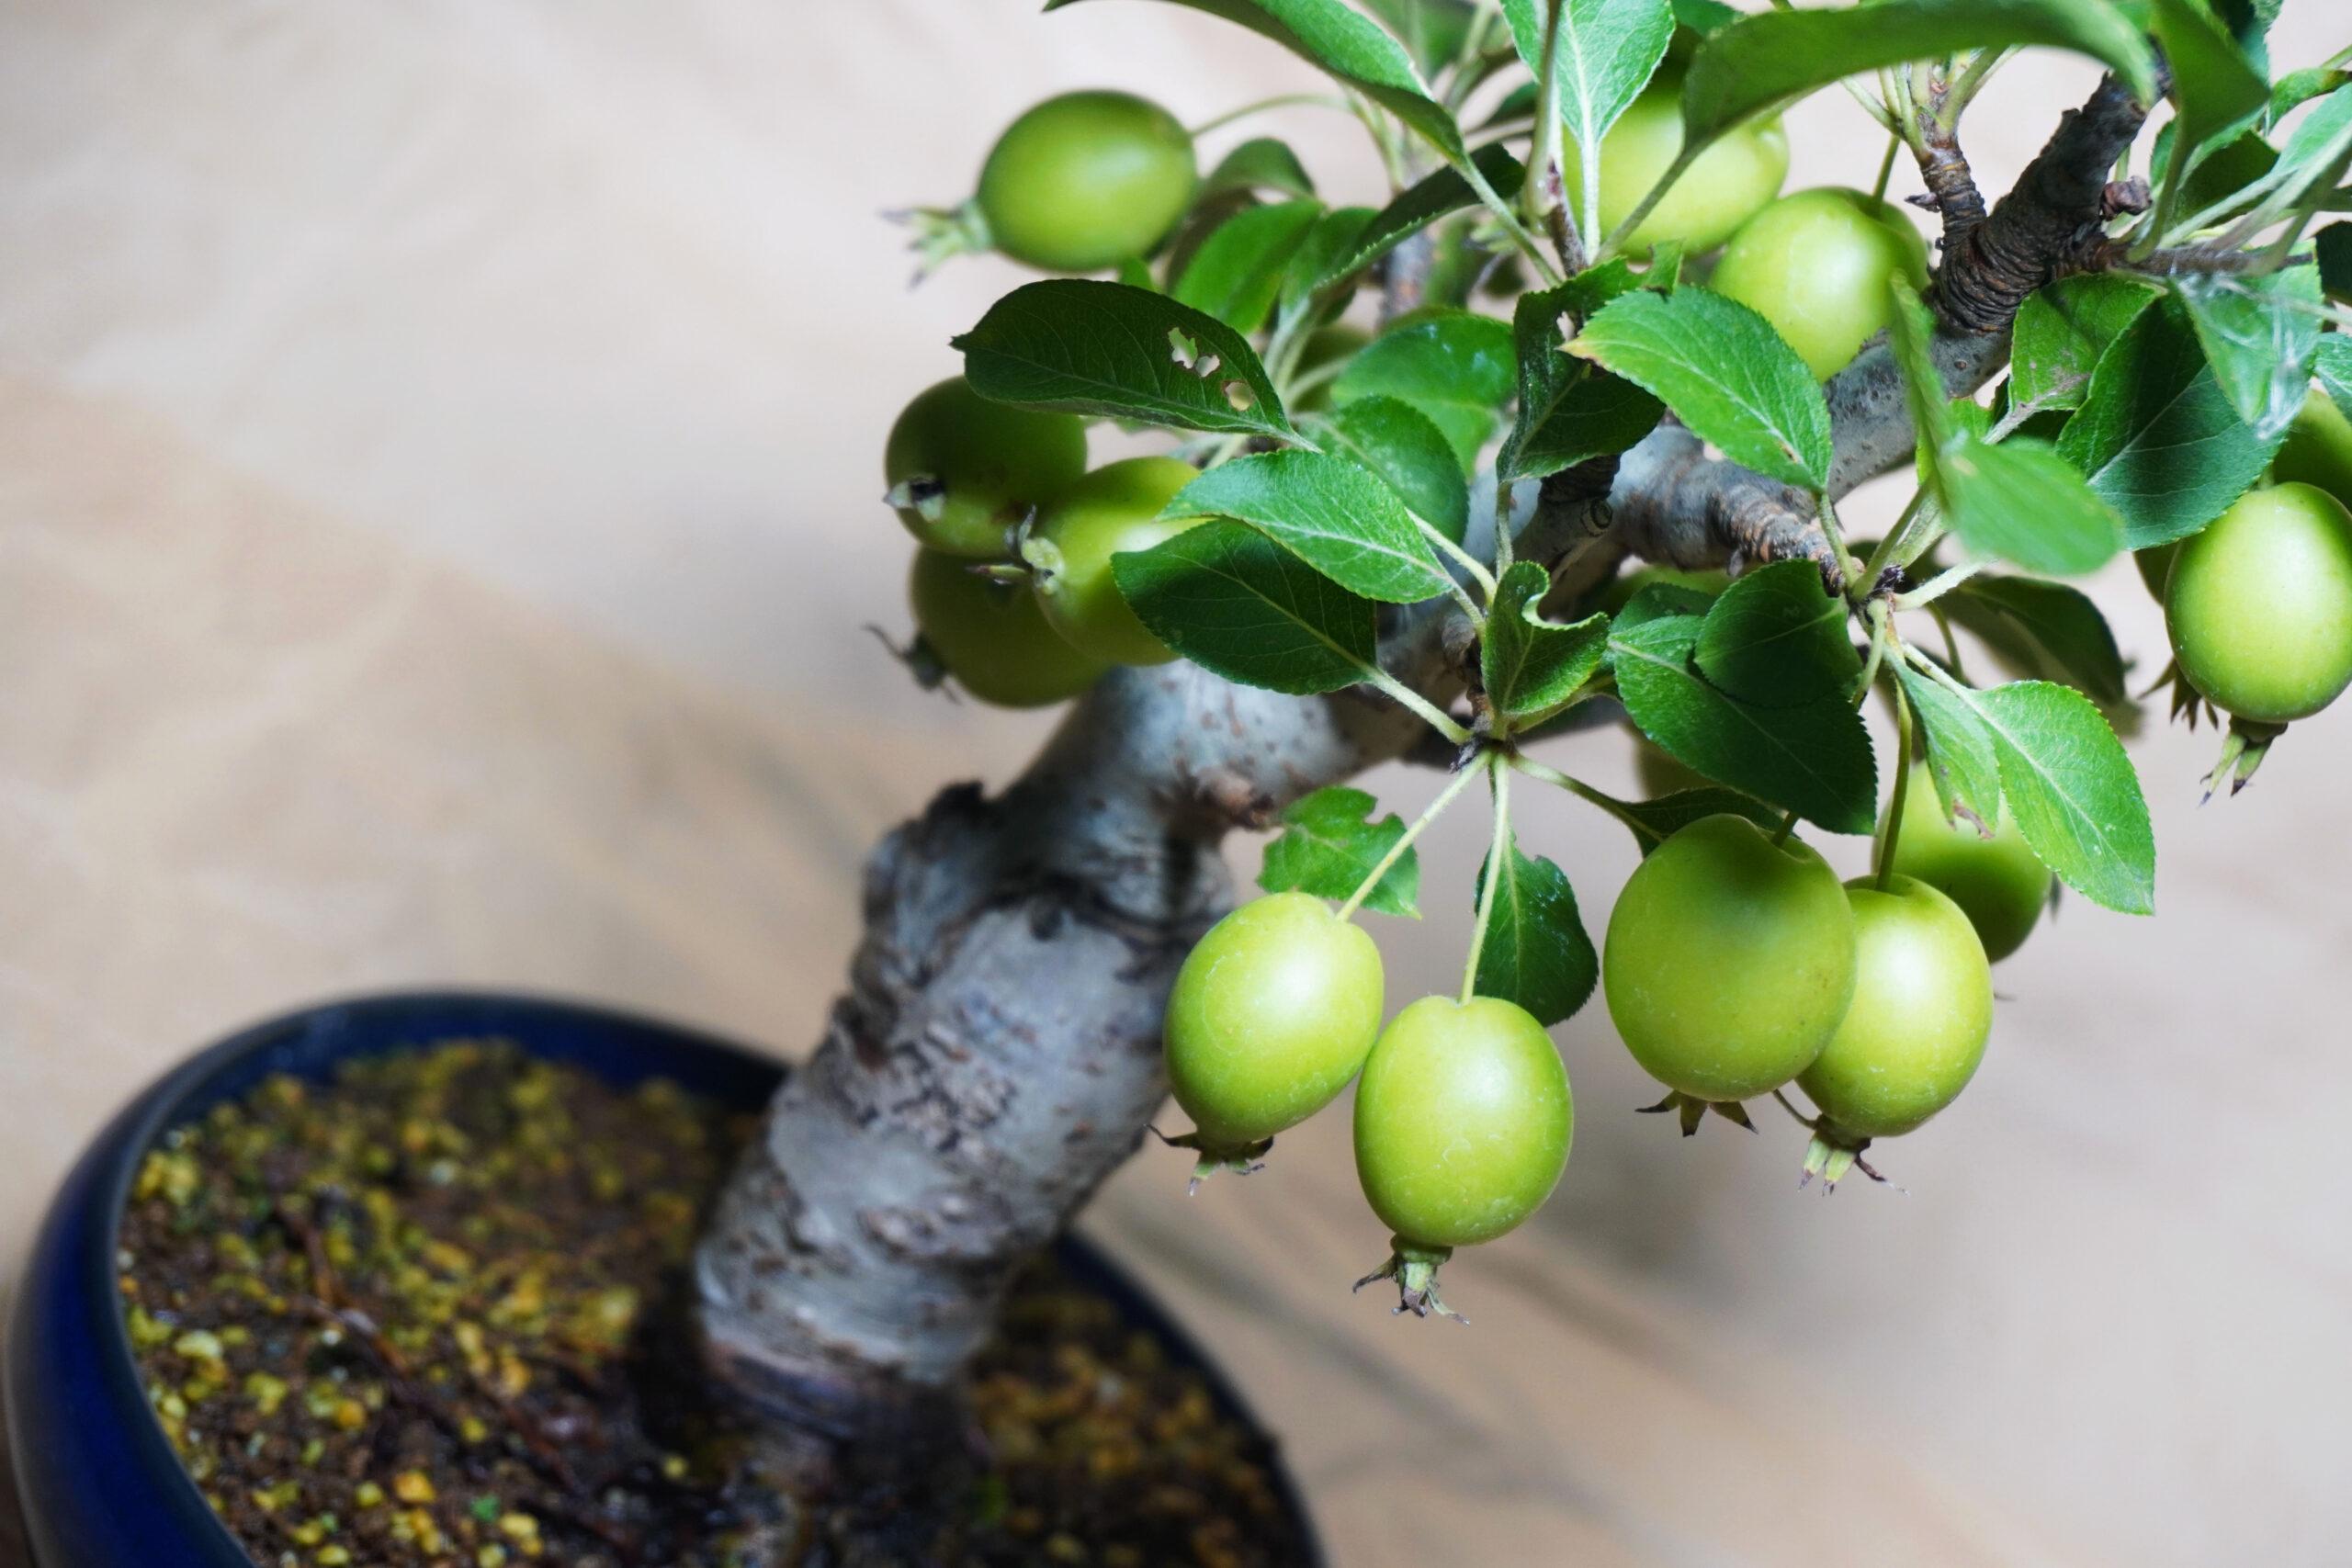 DSC01652-ヒメリンゴの実